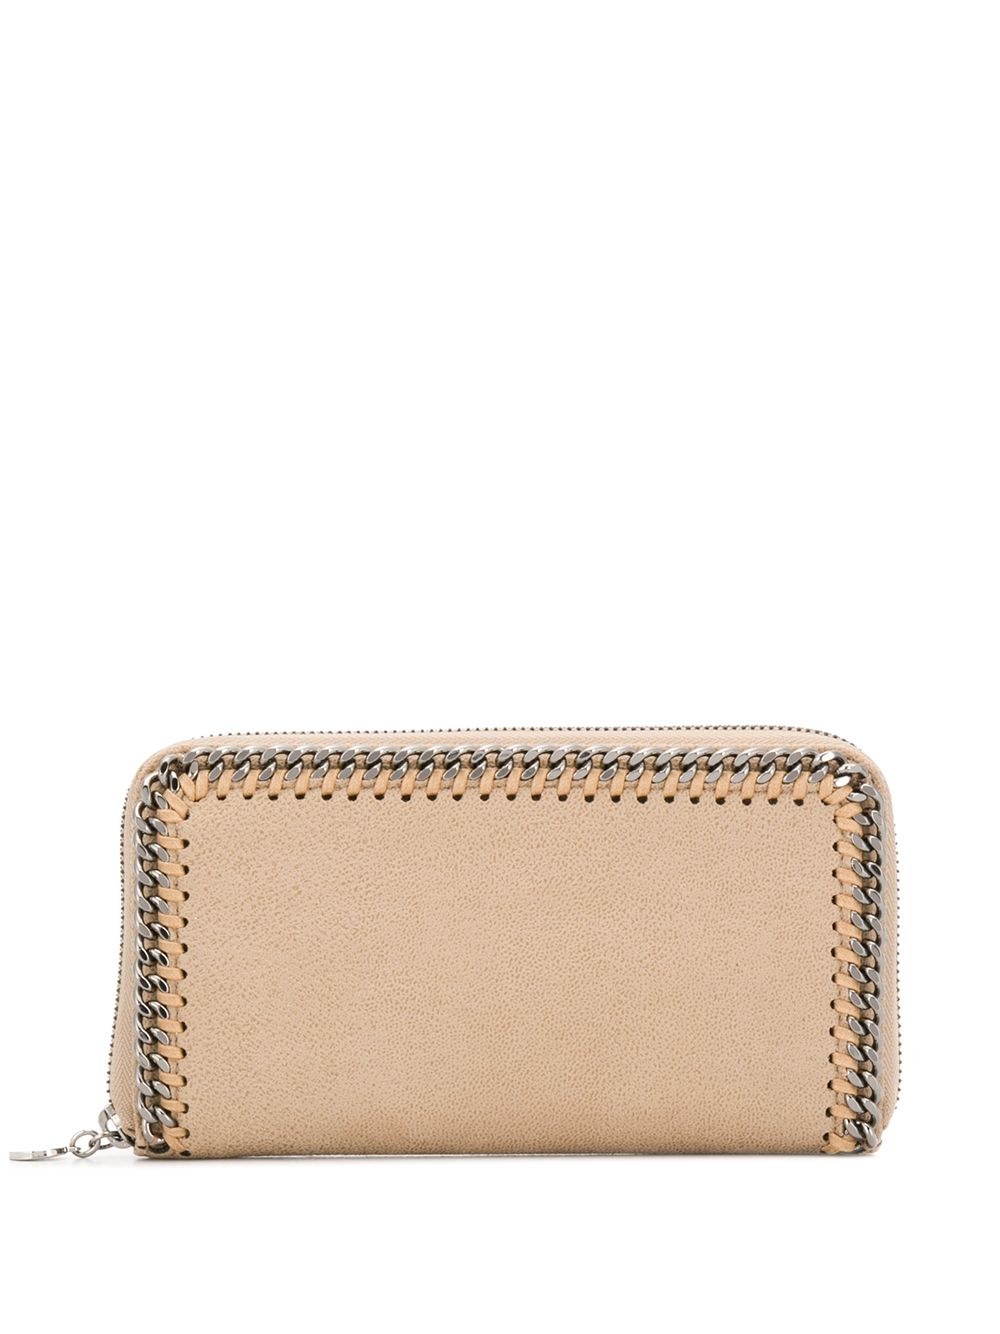 portafoglio continental beige Falabella con zip dorata STELLA MC CARTNEY | Portafogli | 434750-W91329300